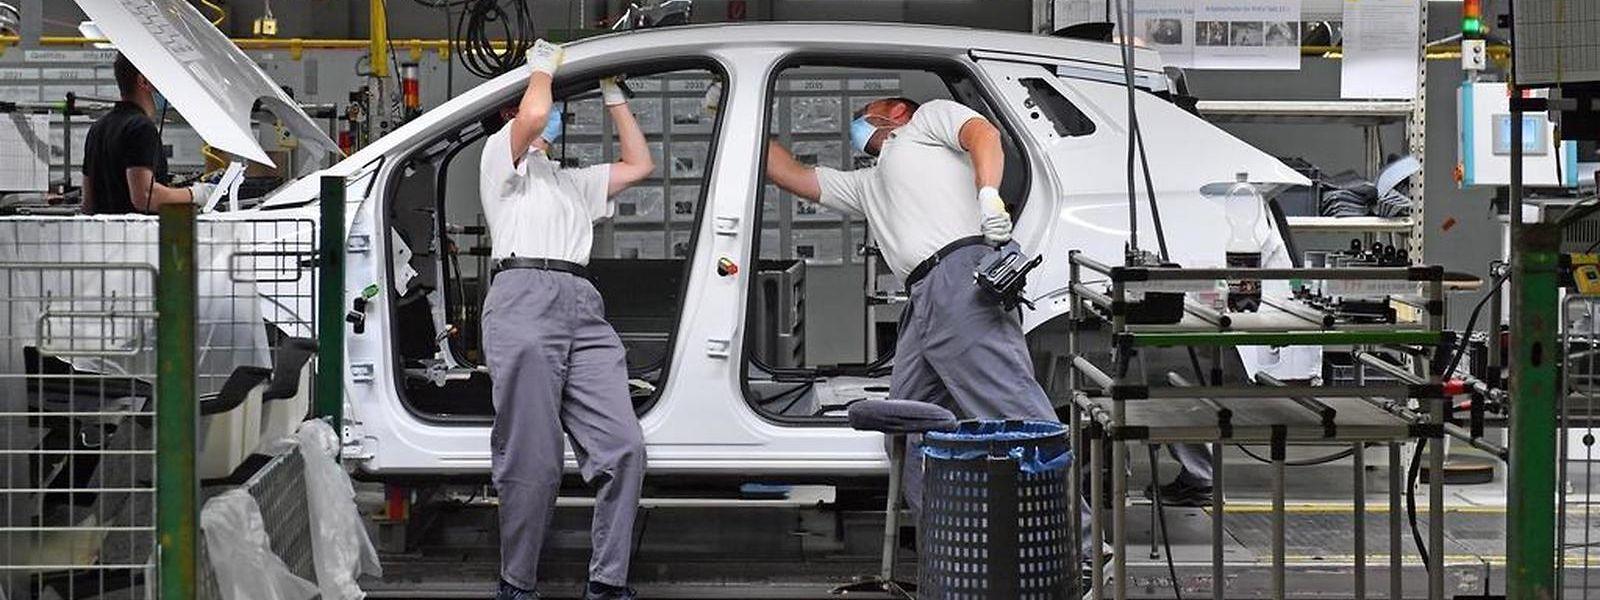 Le secteur automobile, poumon de l'économie allemande mais plombé par la rareté des semi-conducteurs, se trouve actuellement en grande difficulté.